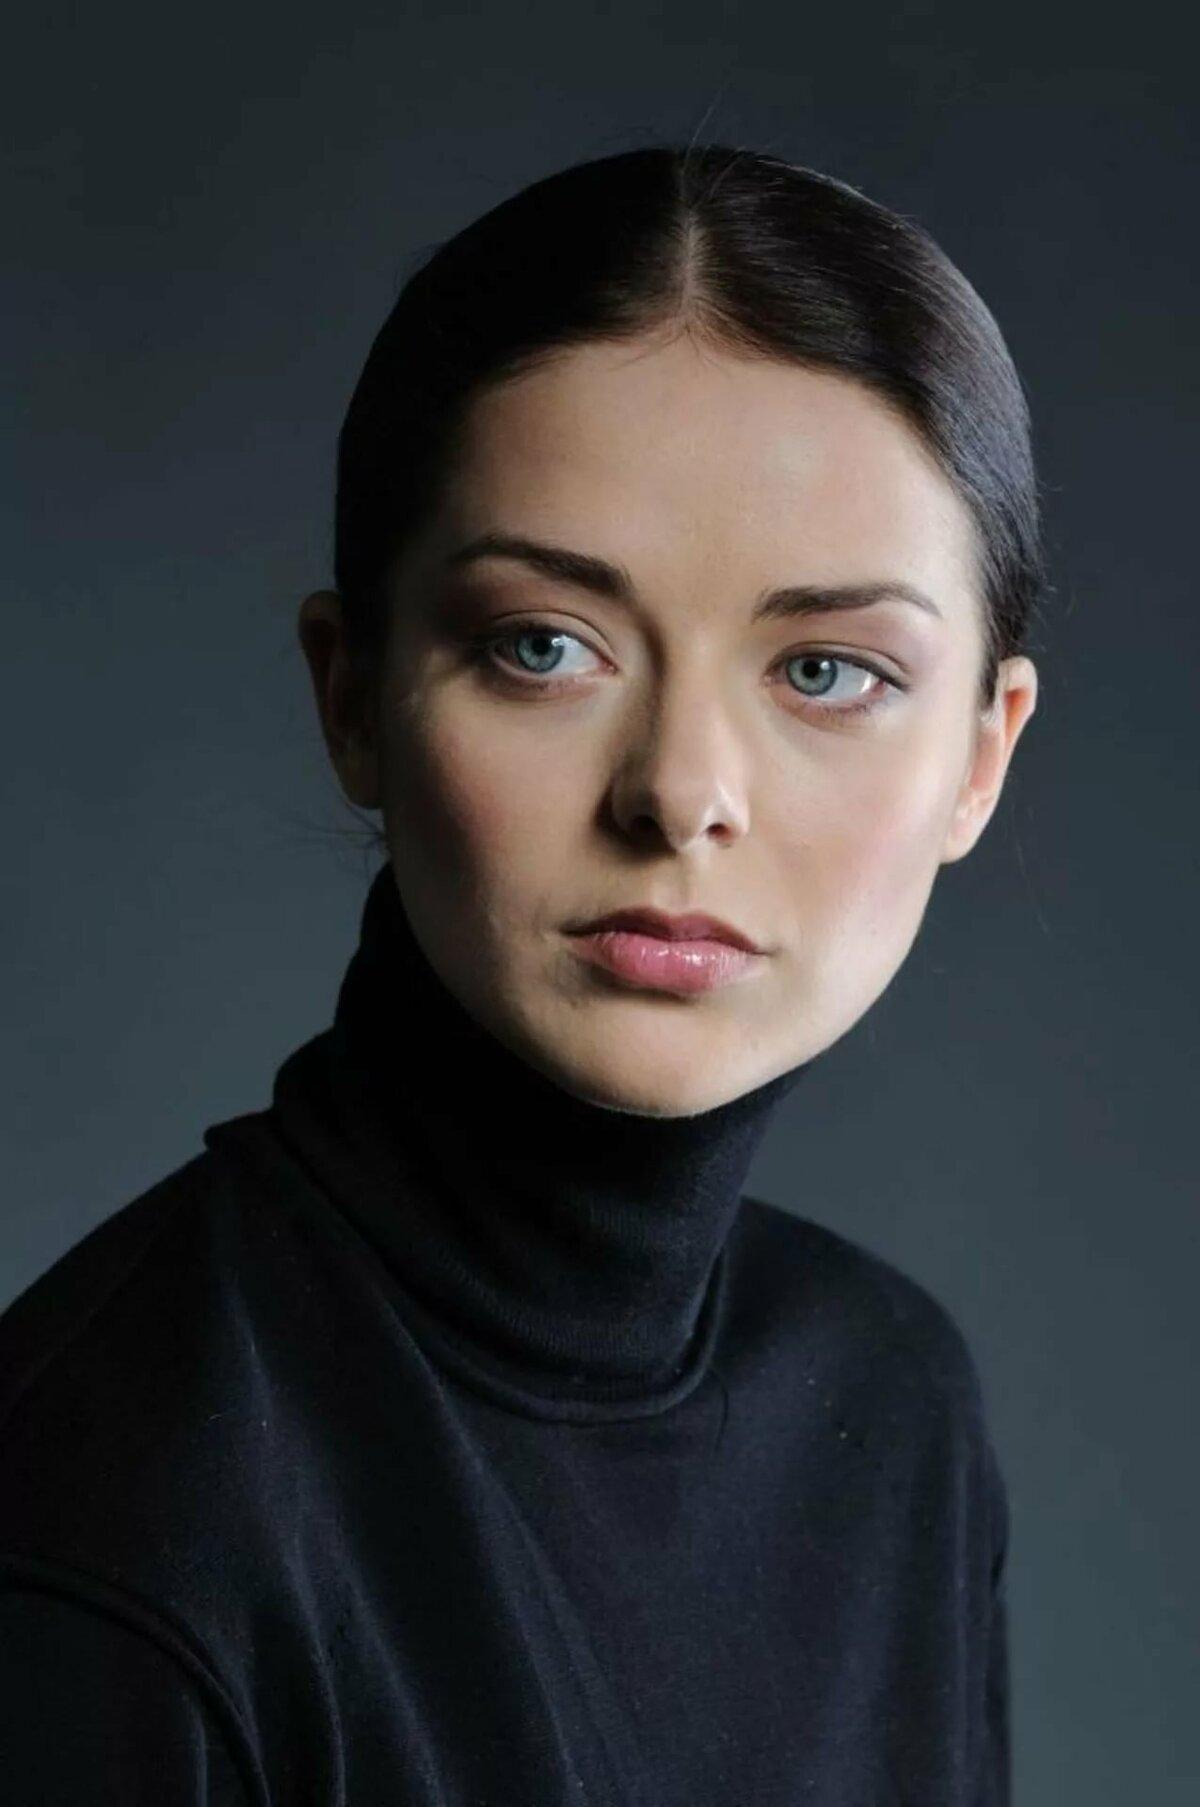 Галерея российских актрис ощущение приятного